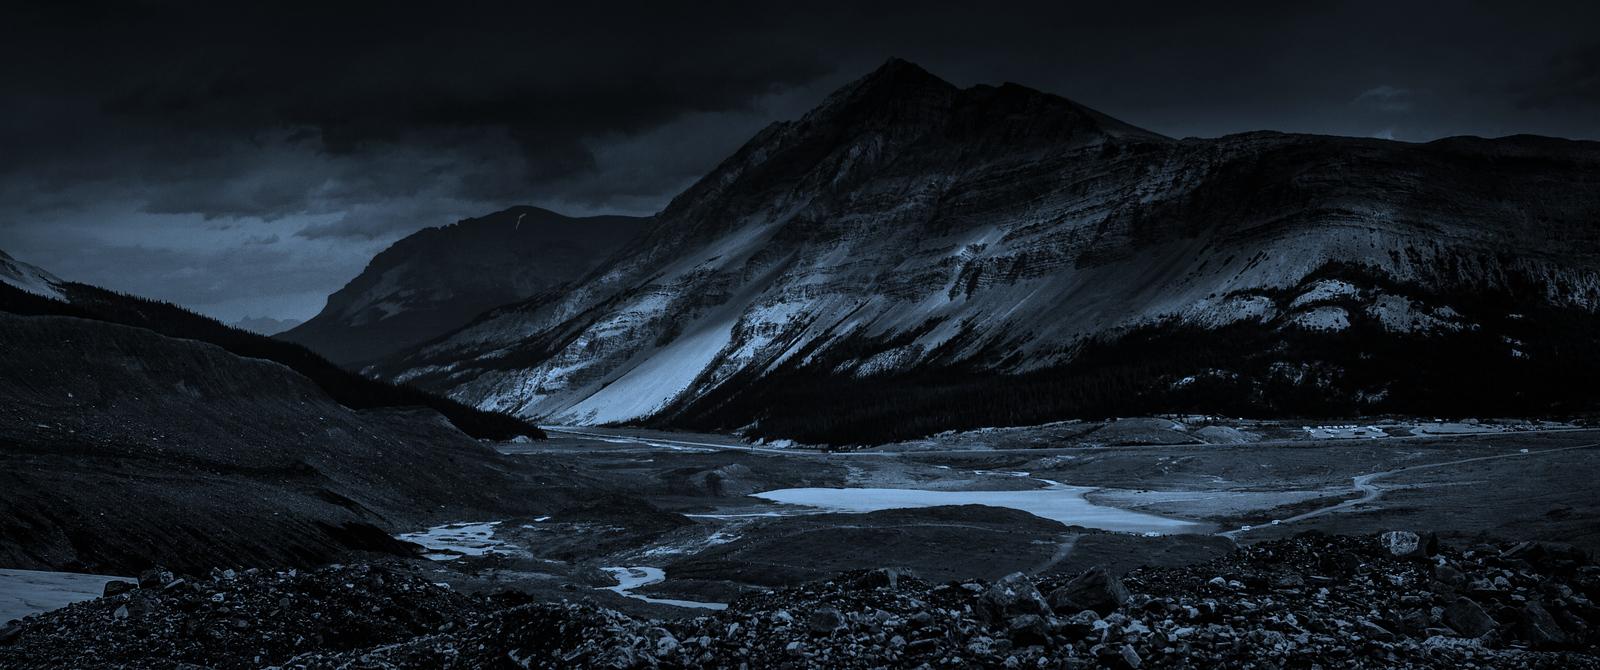 加拿大哥伦比亚冰川,大自然的威力